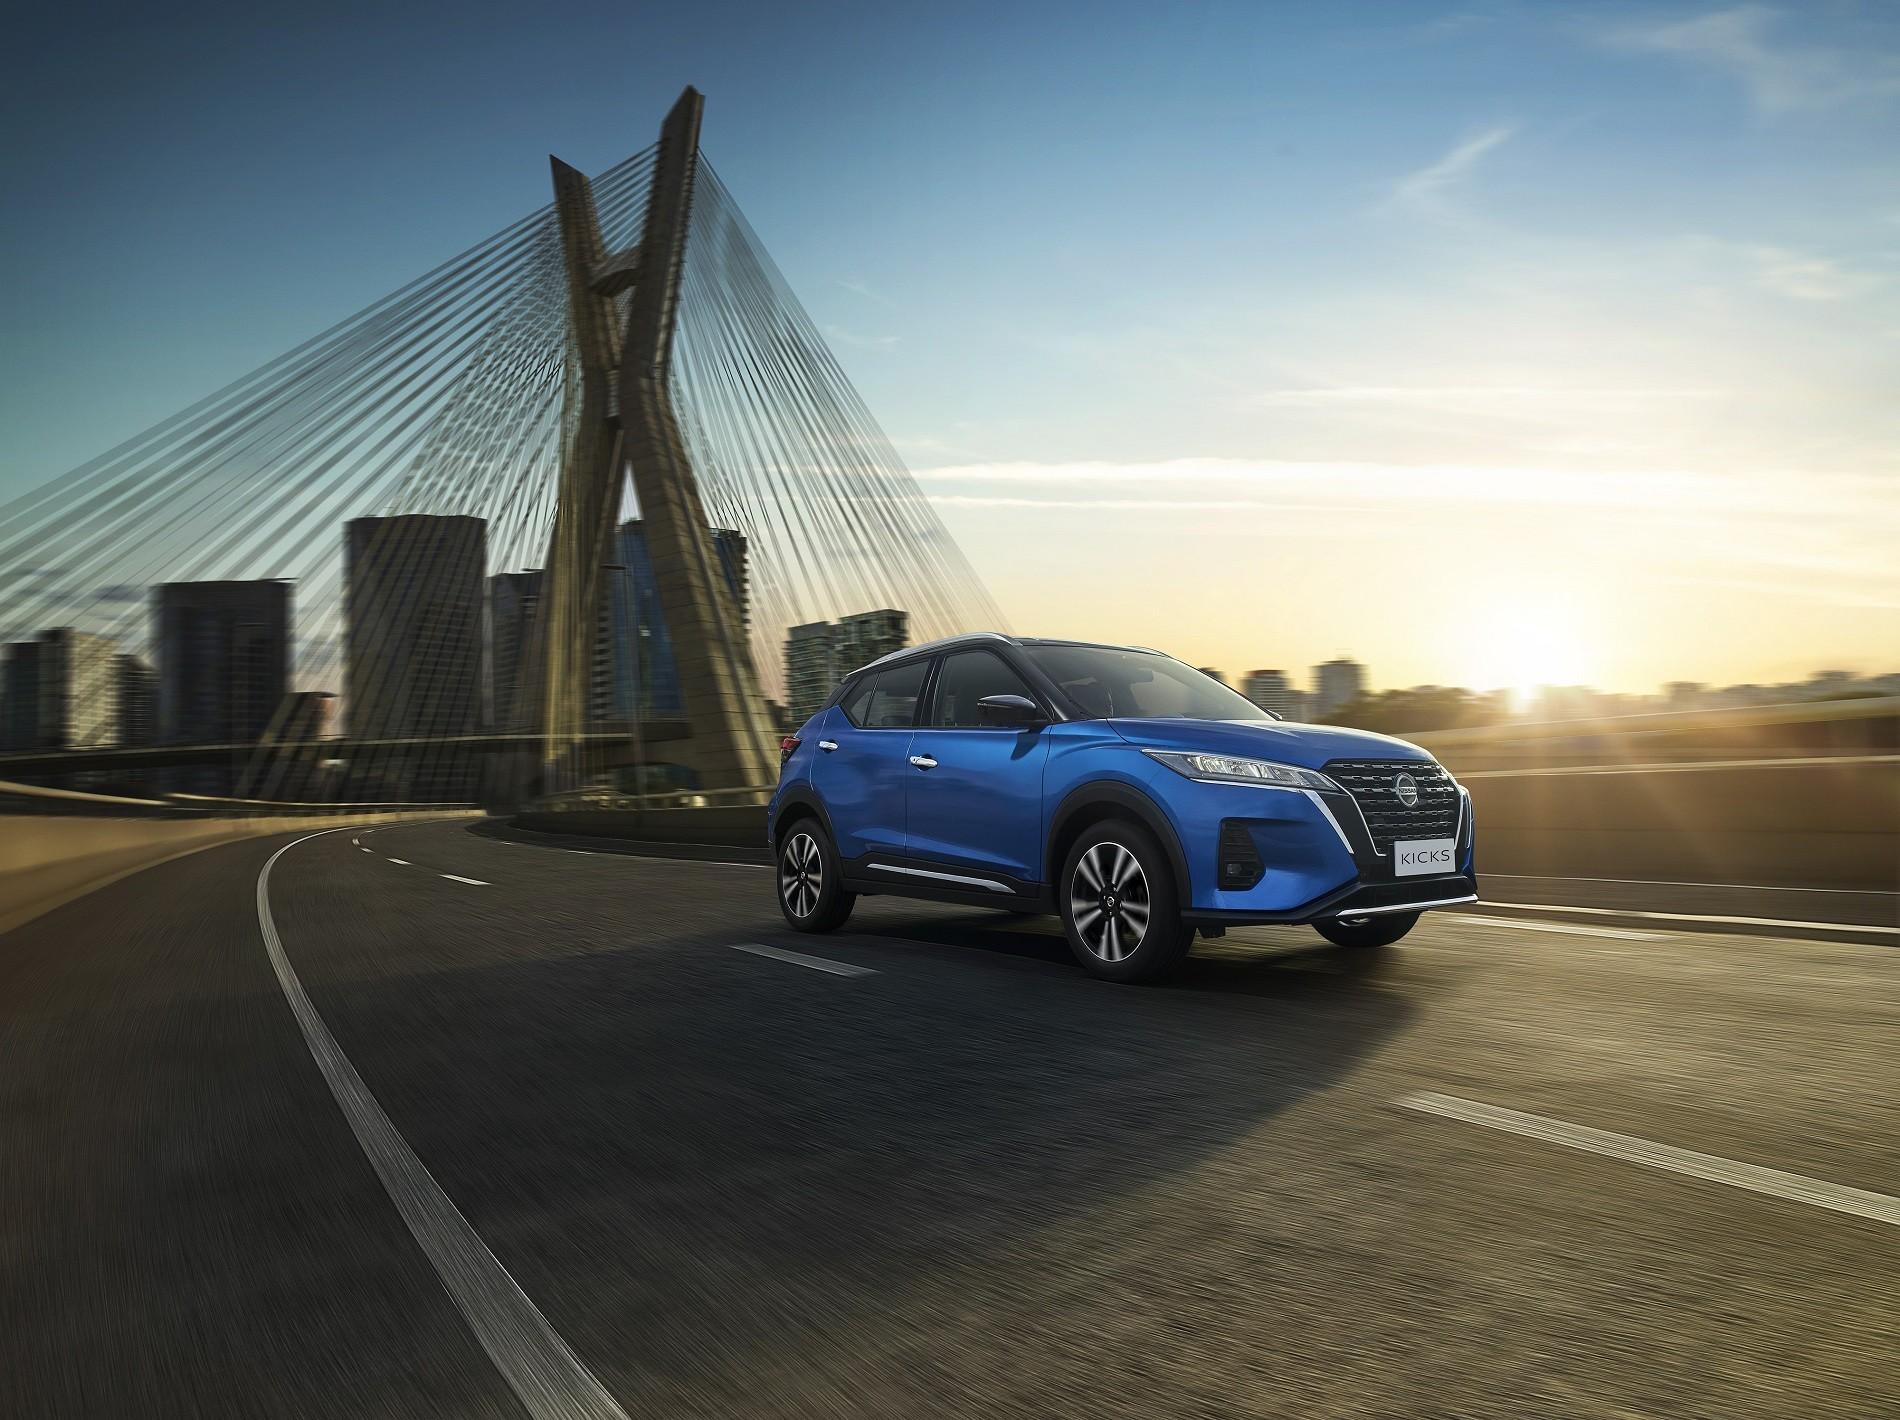 5 razões para comprar novo Nissan Kicks em Atibaia e região